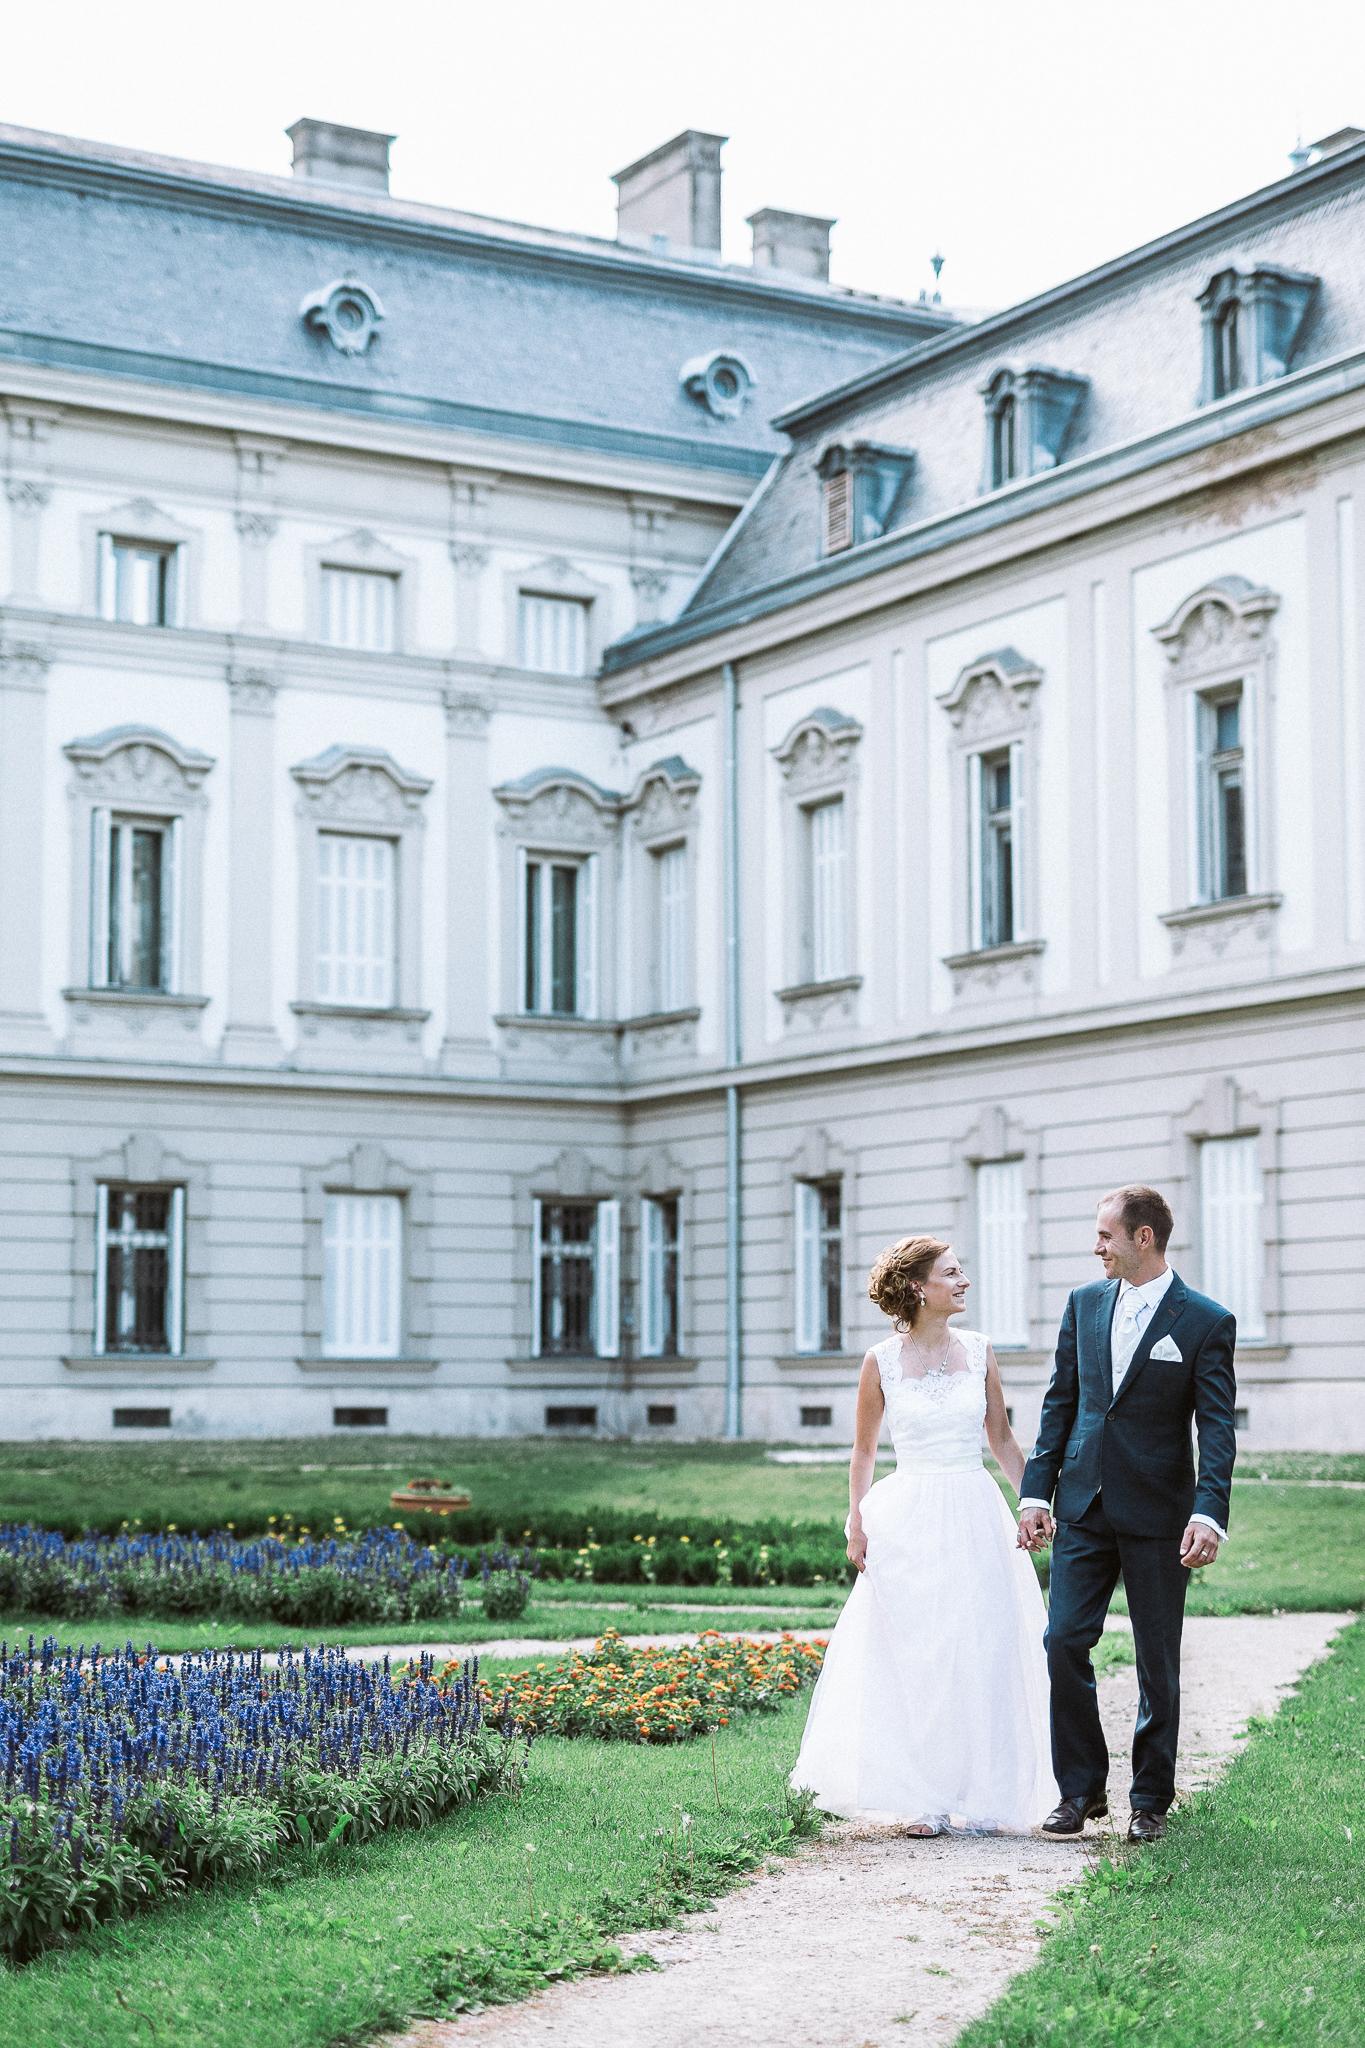 FylepPhoto, esküvőfotós, esküvői fotós Körmend, Szombathely, esküvőfotózás, magyarország, vas megye, prémium, jegyesfotózás, Fülöp Péter, körmend, kreatív, fotográfus_05-2.jpg